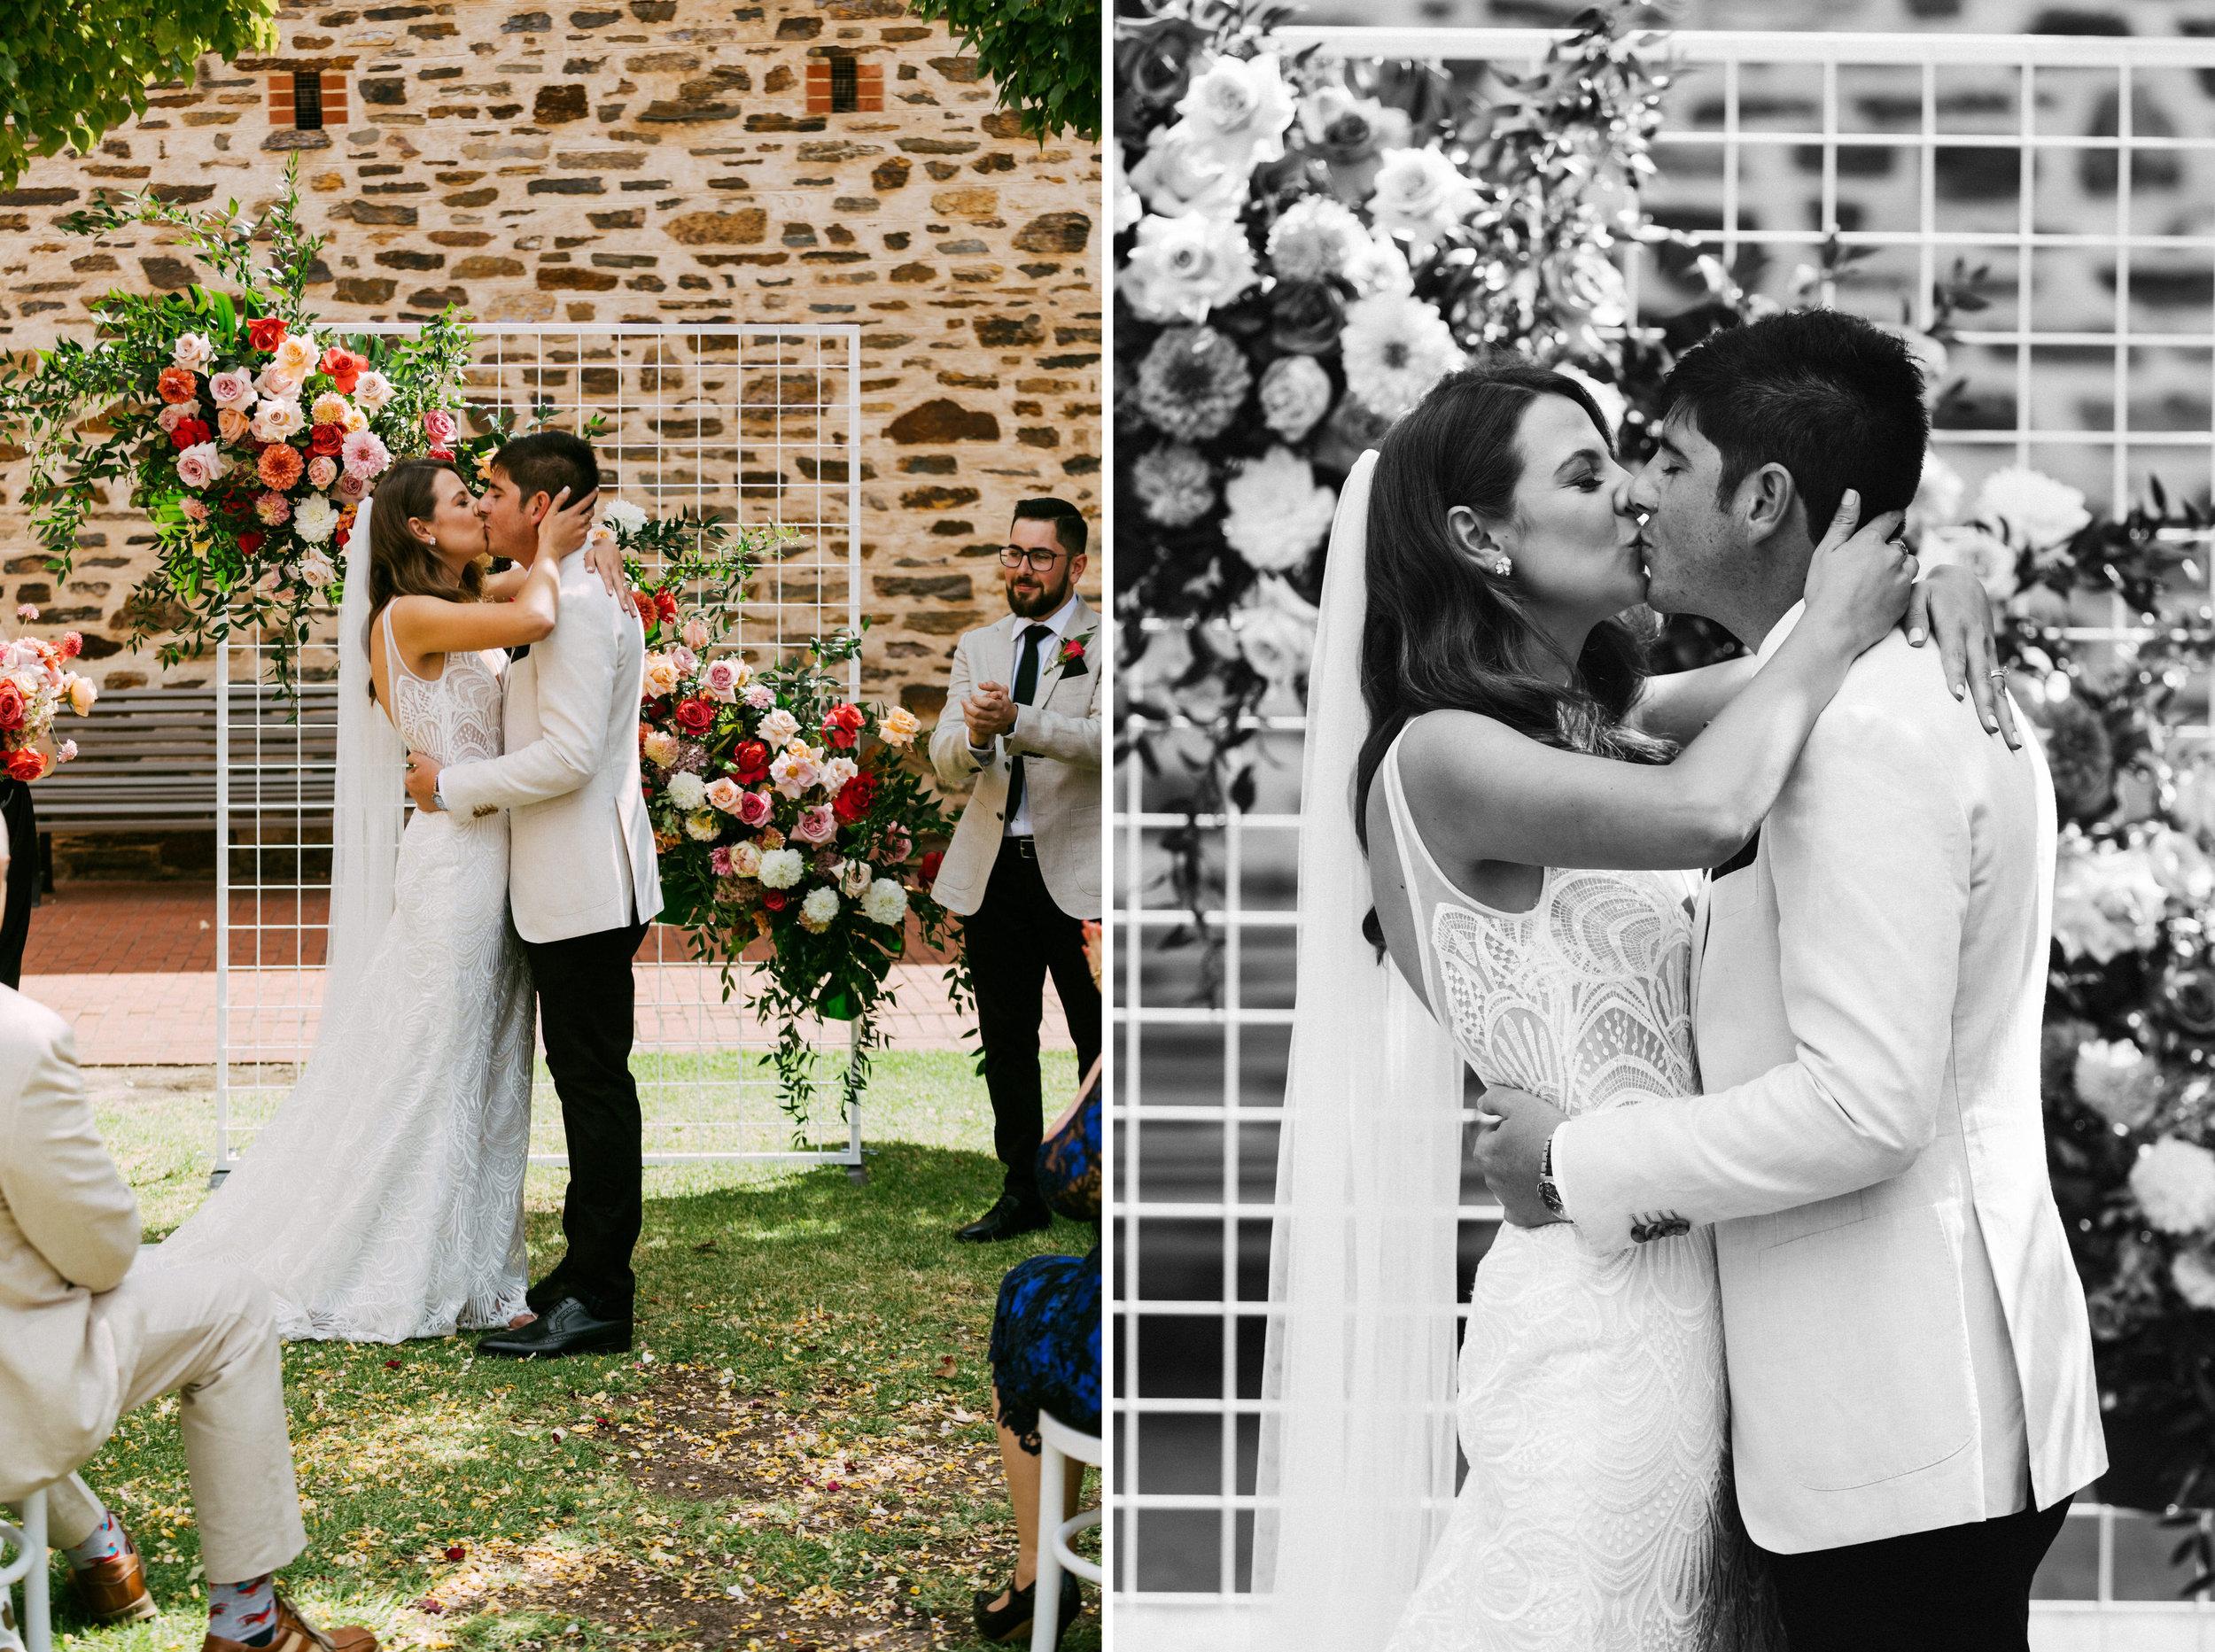 Adelaide City Fringe Garden Unearthly Delight Wedding 046.jpg